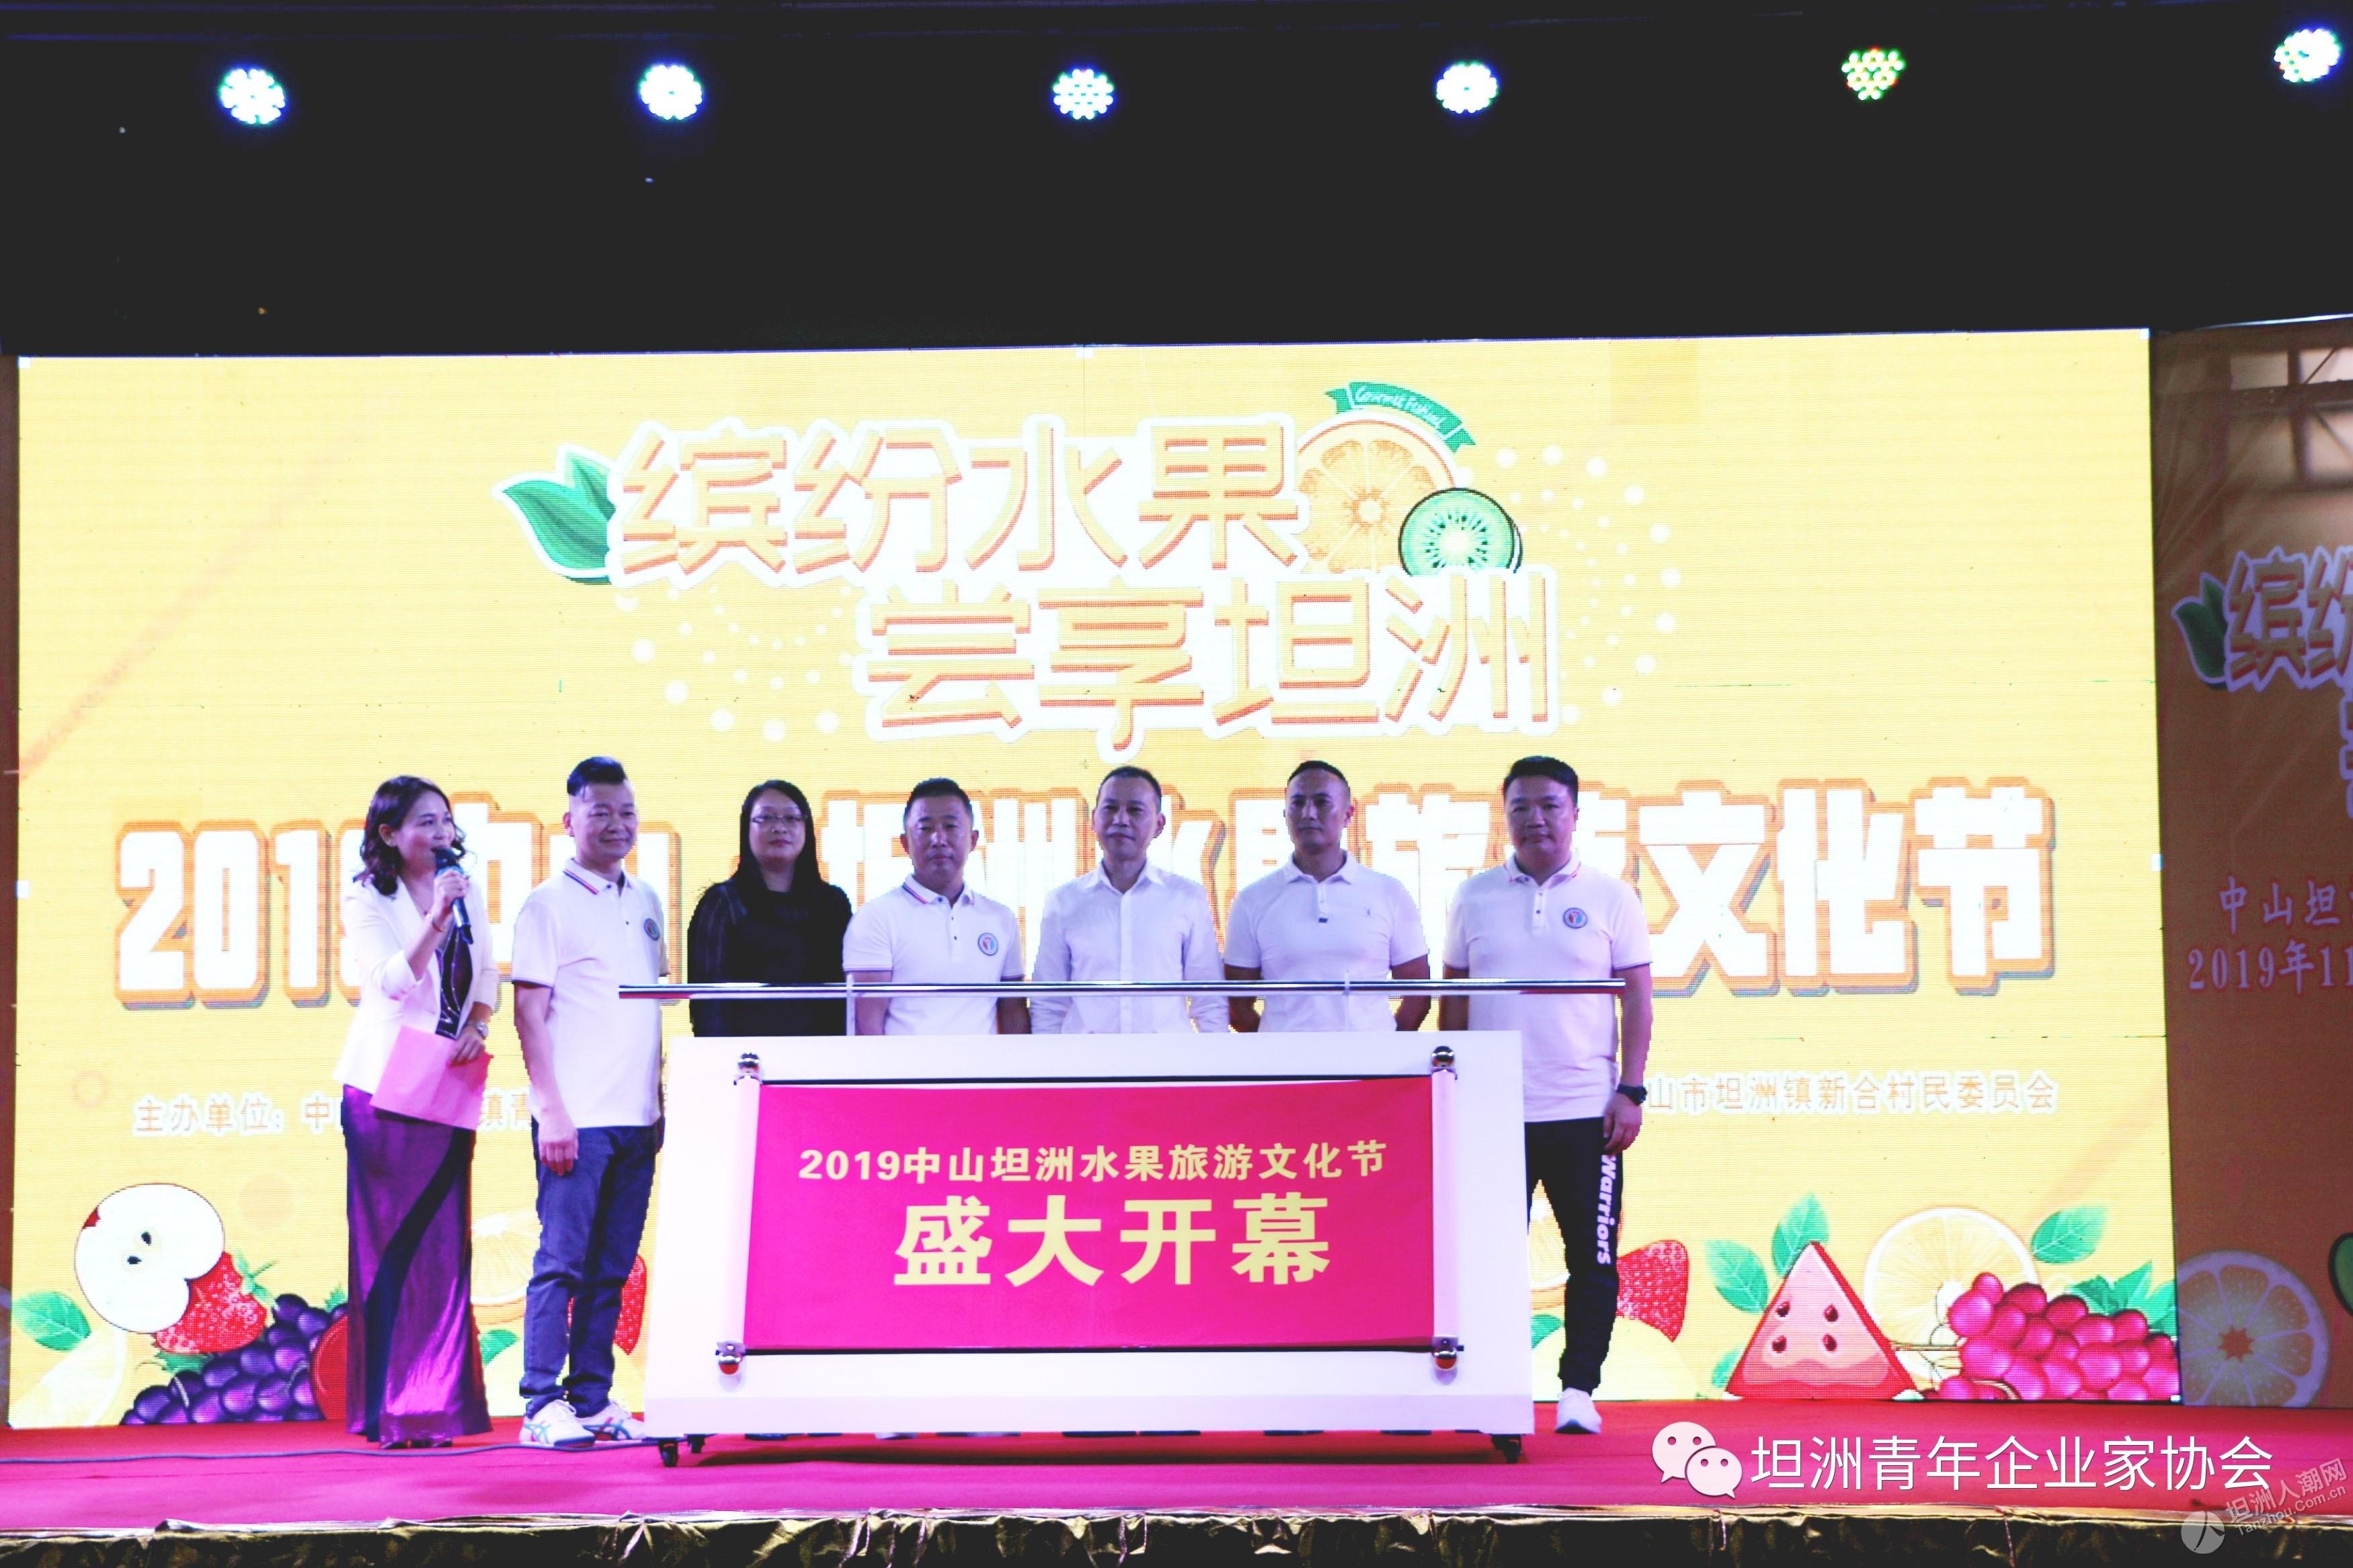 开幕啦!2019中山坦洲水果旅游文化节重磅来袭